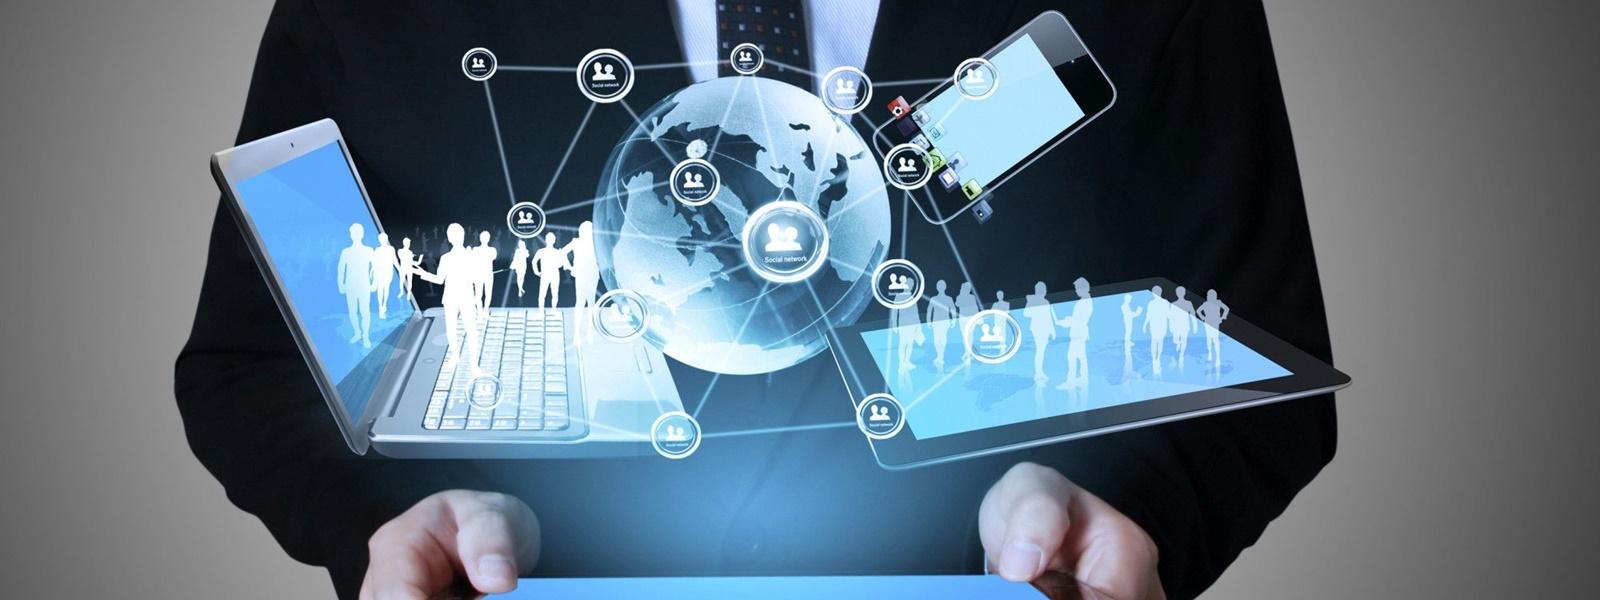 ბიზნესის ადმინისტრირების საბაკალავრო პროგრამა